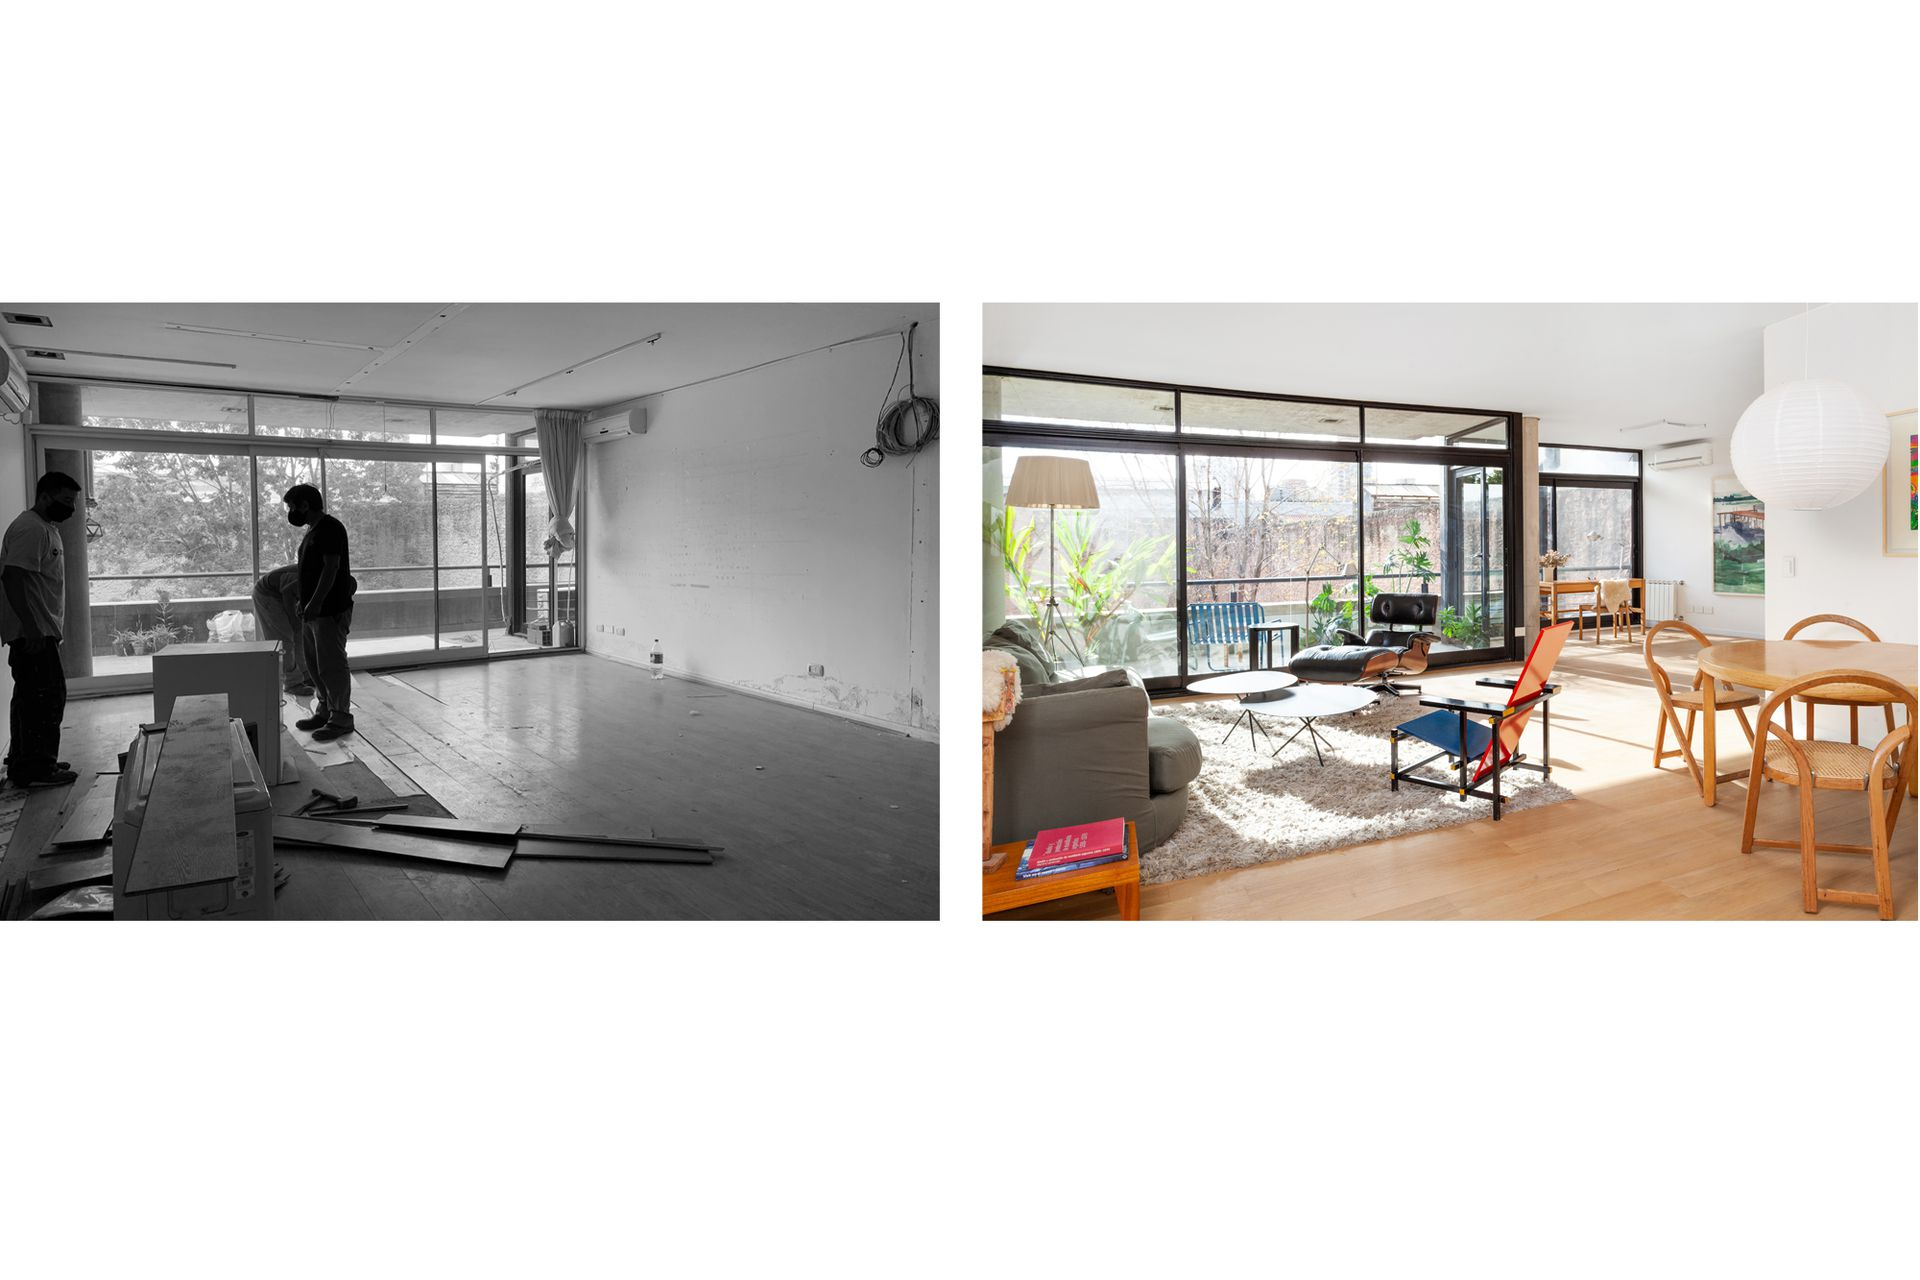 Con un ambiente menos, el área social ganó luz y fluidez. En todo el departamento colocaron nuevos pisos de roble (Listone Giordano) que unifican y aportan calidez a la estructura de hormigón.